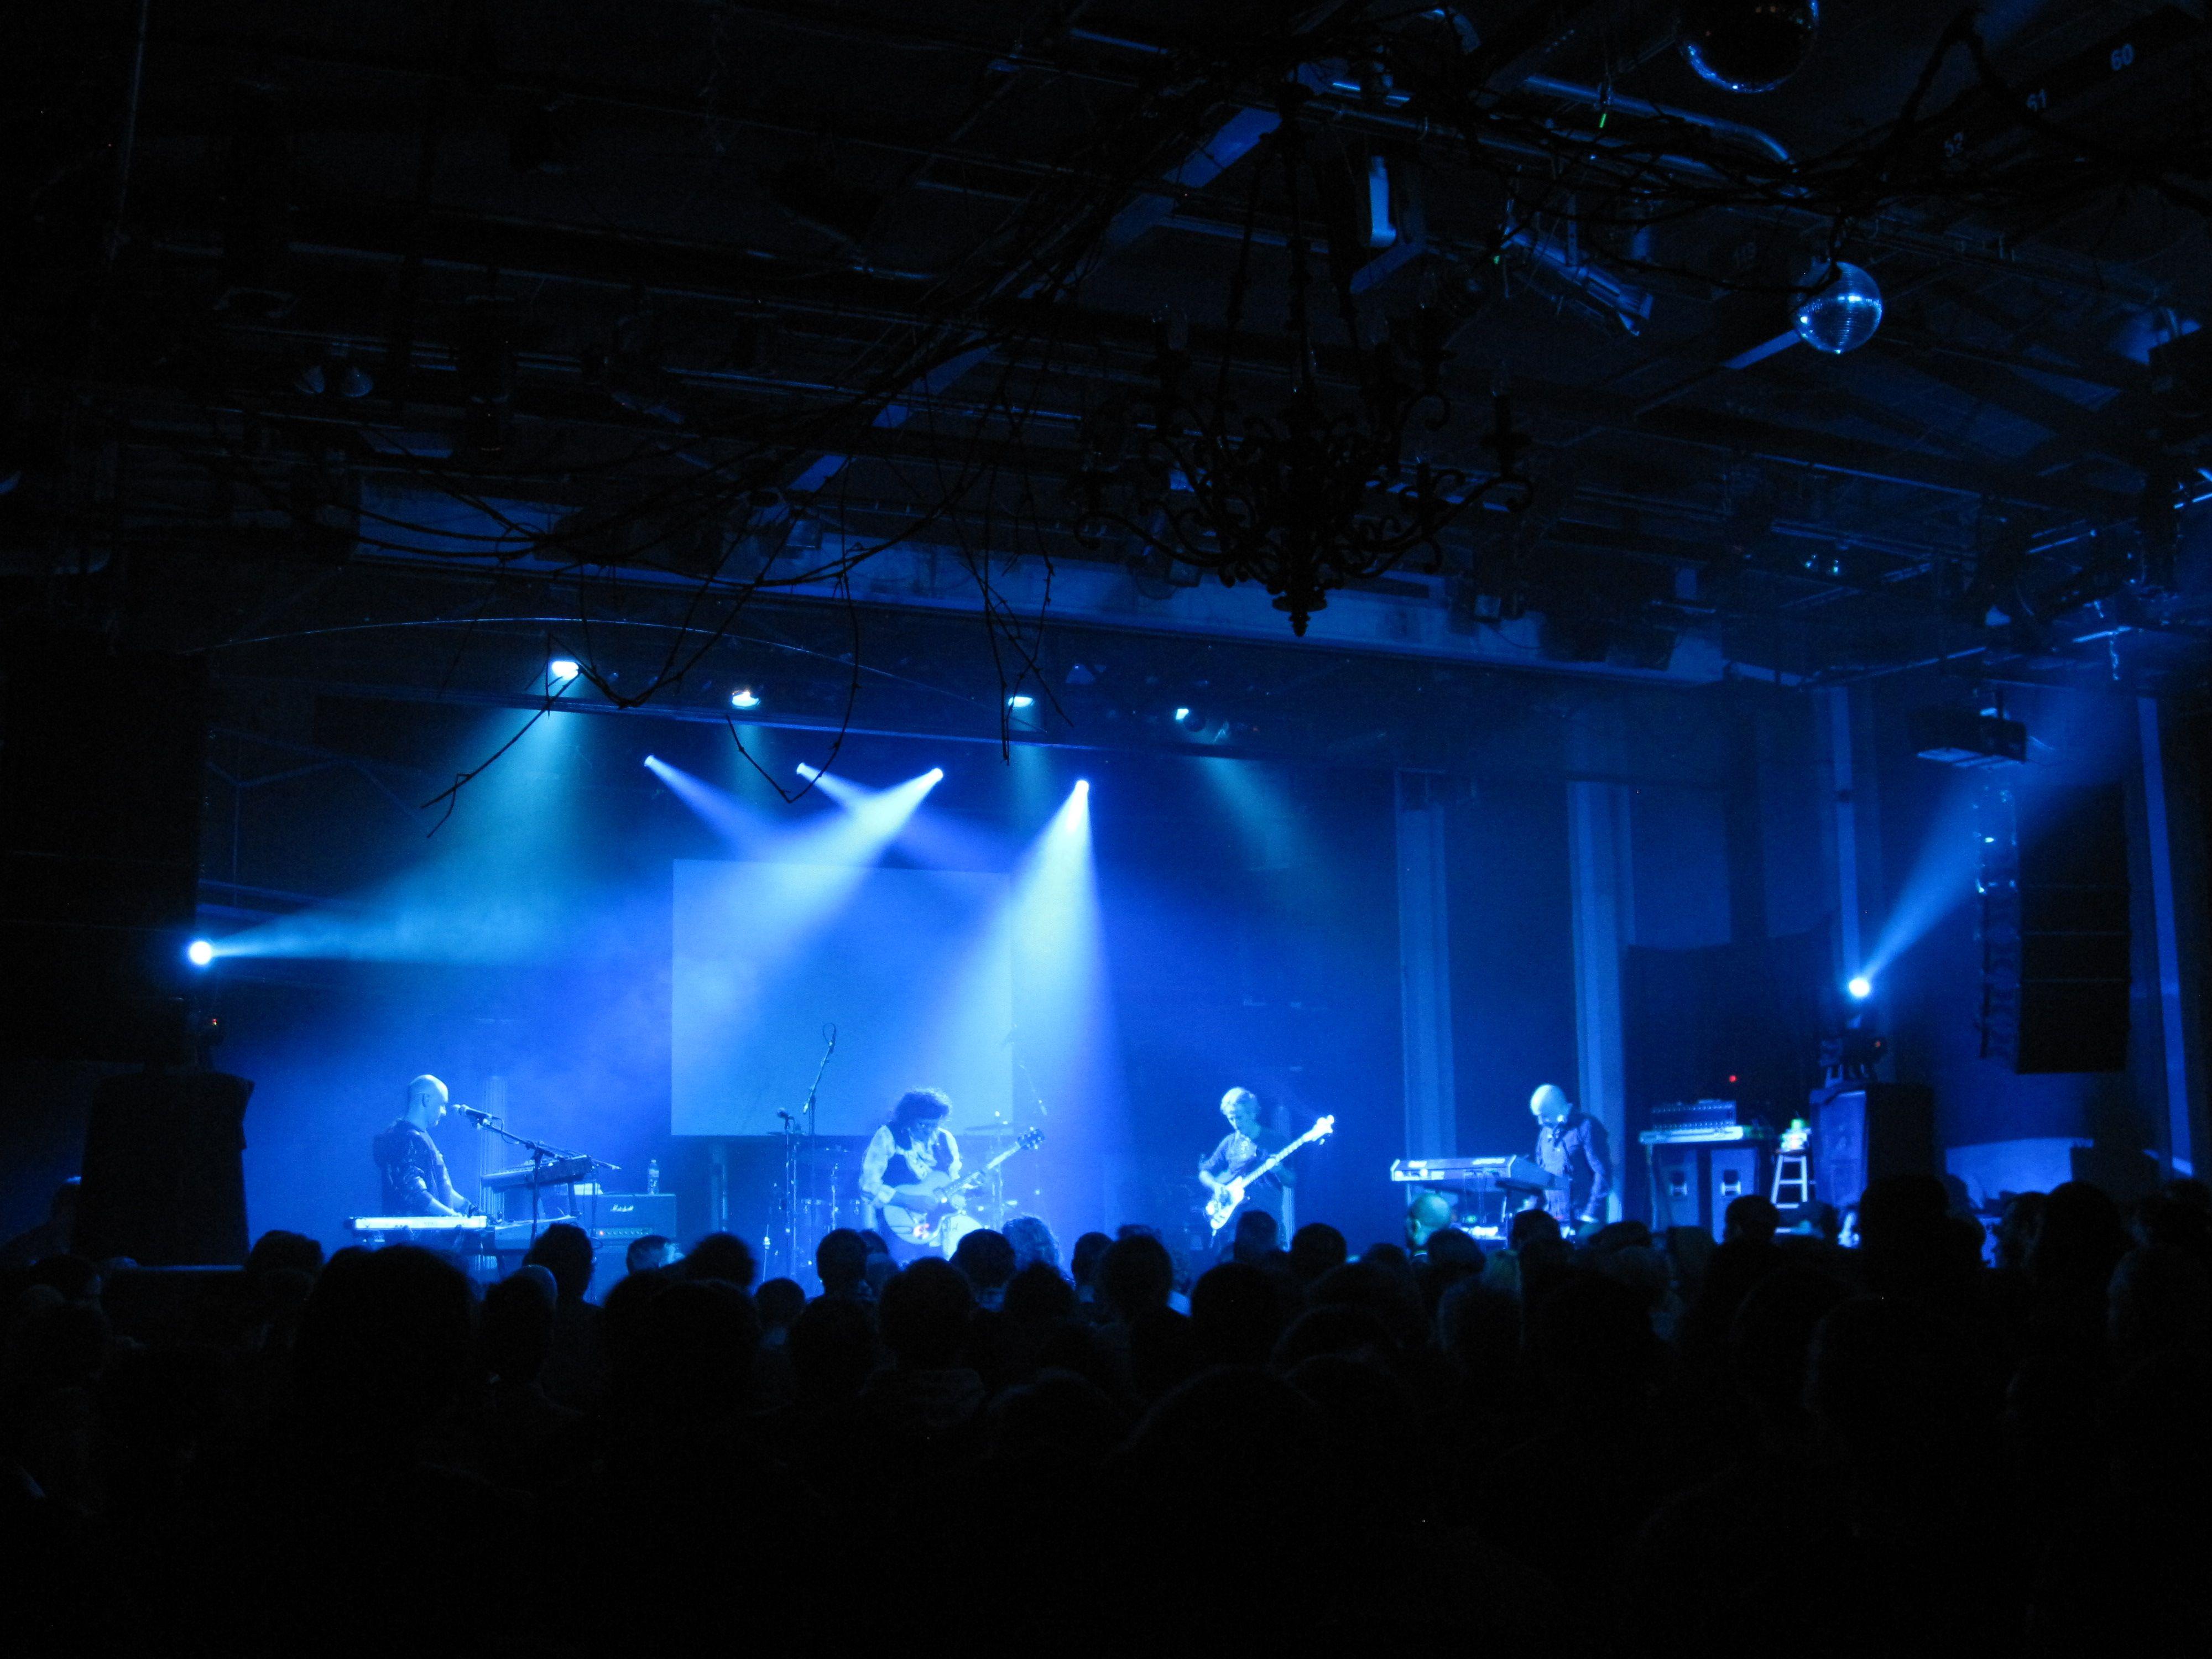 stage-lights-blue